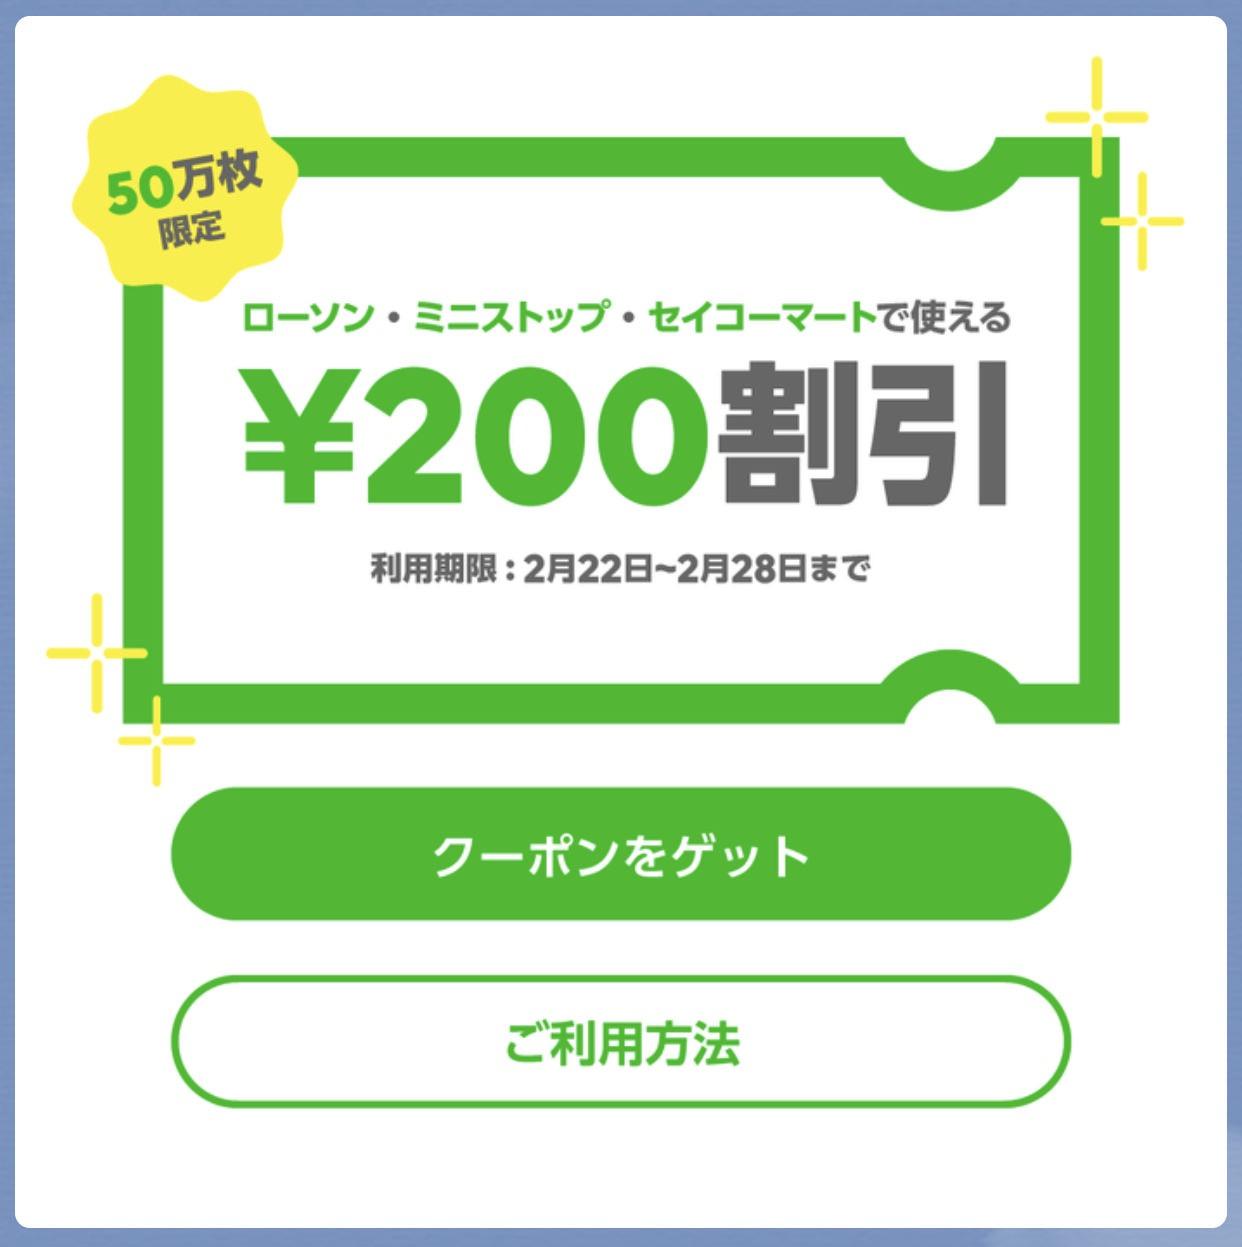 【LINE Pay】ローソン・ミニストップ・セイコーマートも200円割引の「マイクーポン」配布